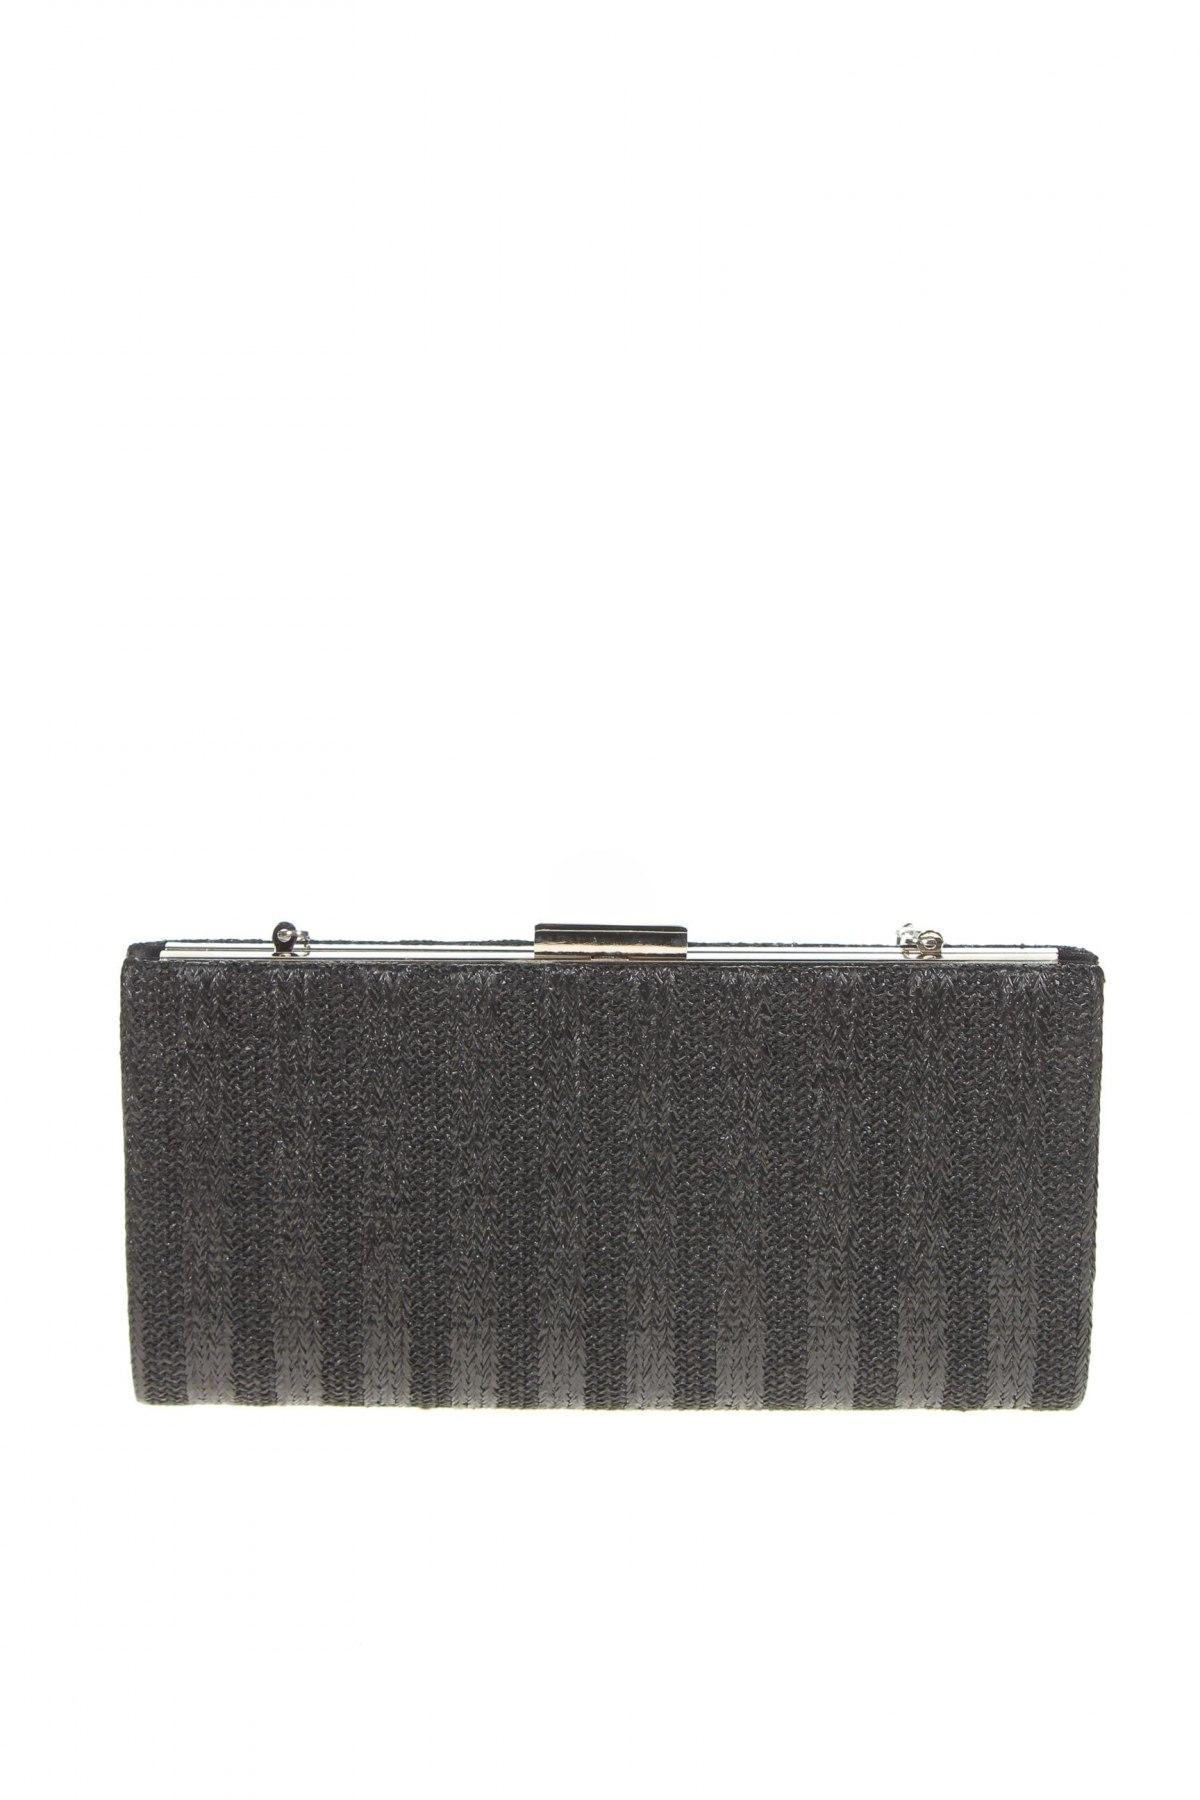 Дамска чанта Verde, Цвят Черен, Текстил, Цена 10,62лв.